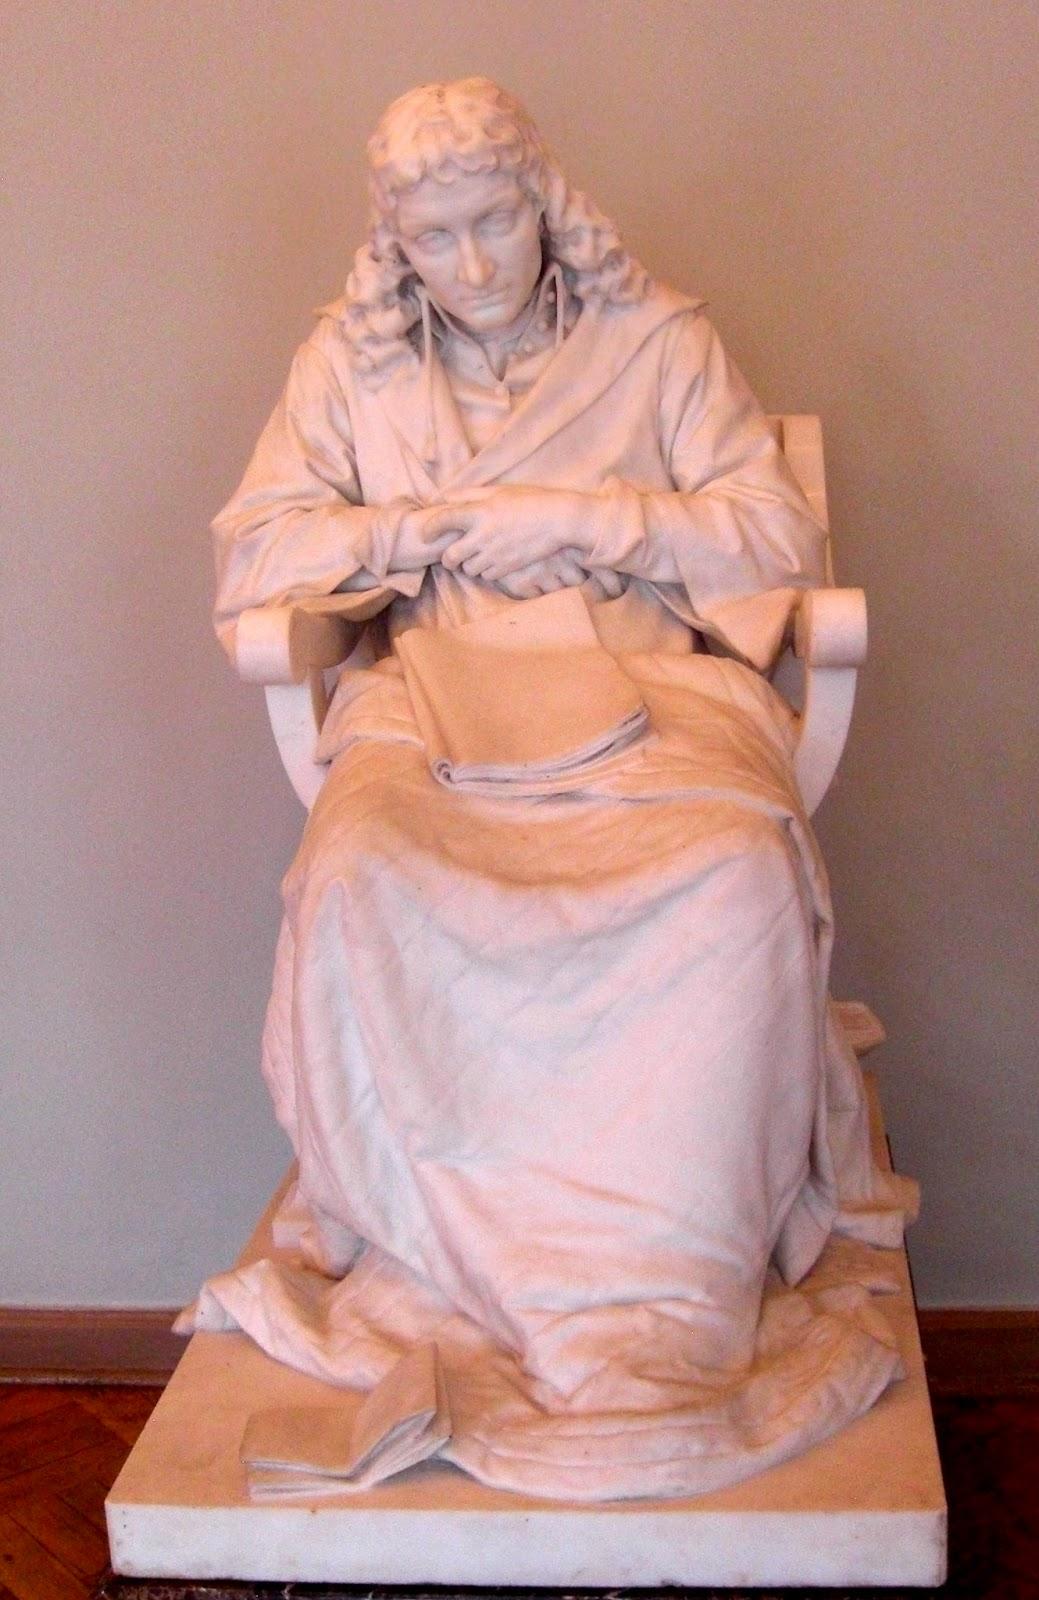 http://1.bp.blogspot.com/-oXg8nCONRqA/U9O_7zyzlhI/AAAAAAAATqY/24zCJ8uIQHA/s1600/Spinoza-beeld_Mark_Antokolsky_1882_01.jpg